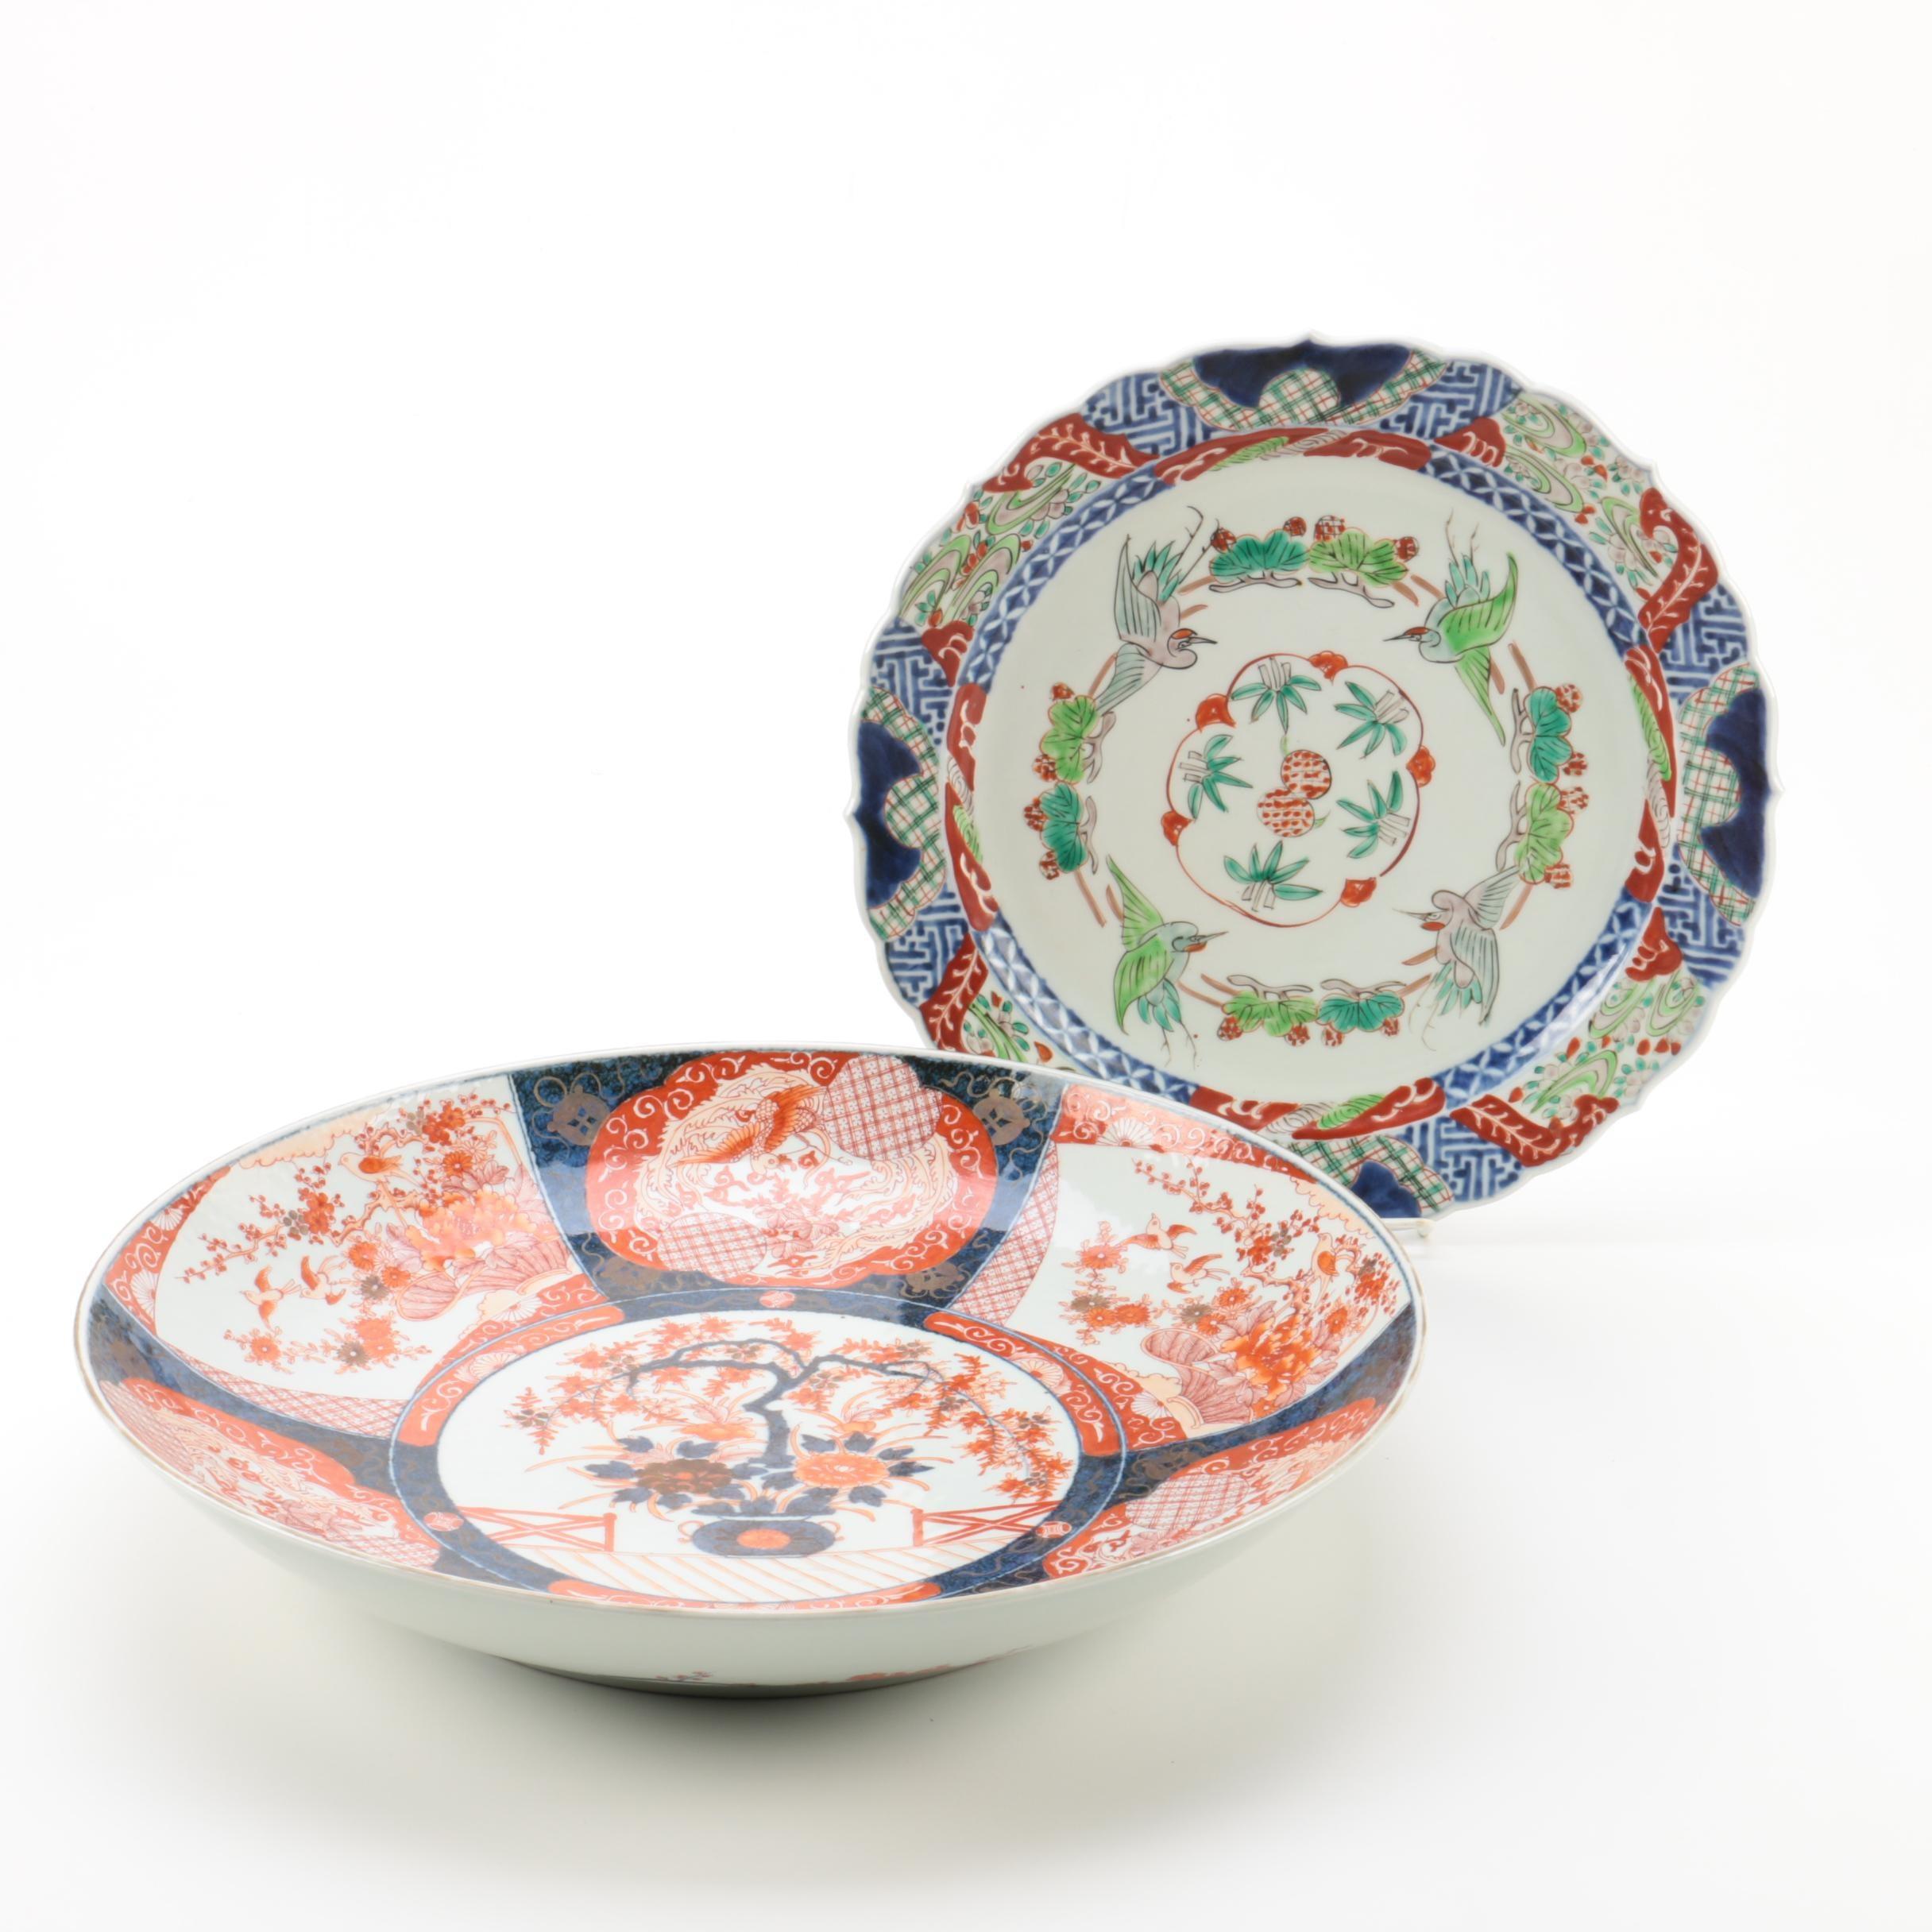 Japanese Imari Style Bowls